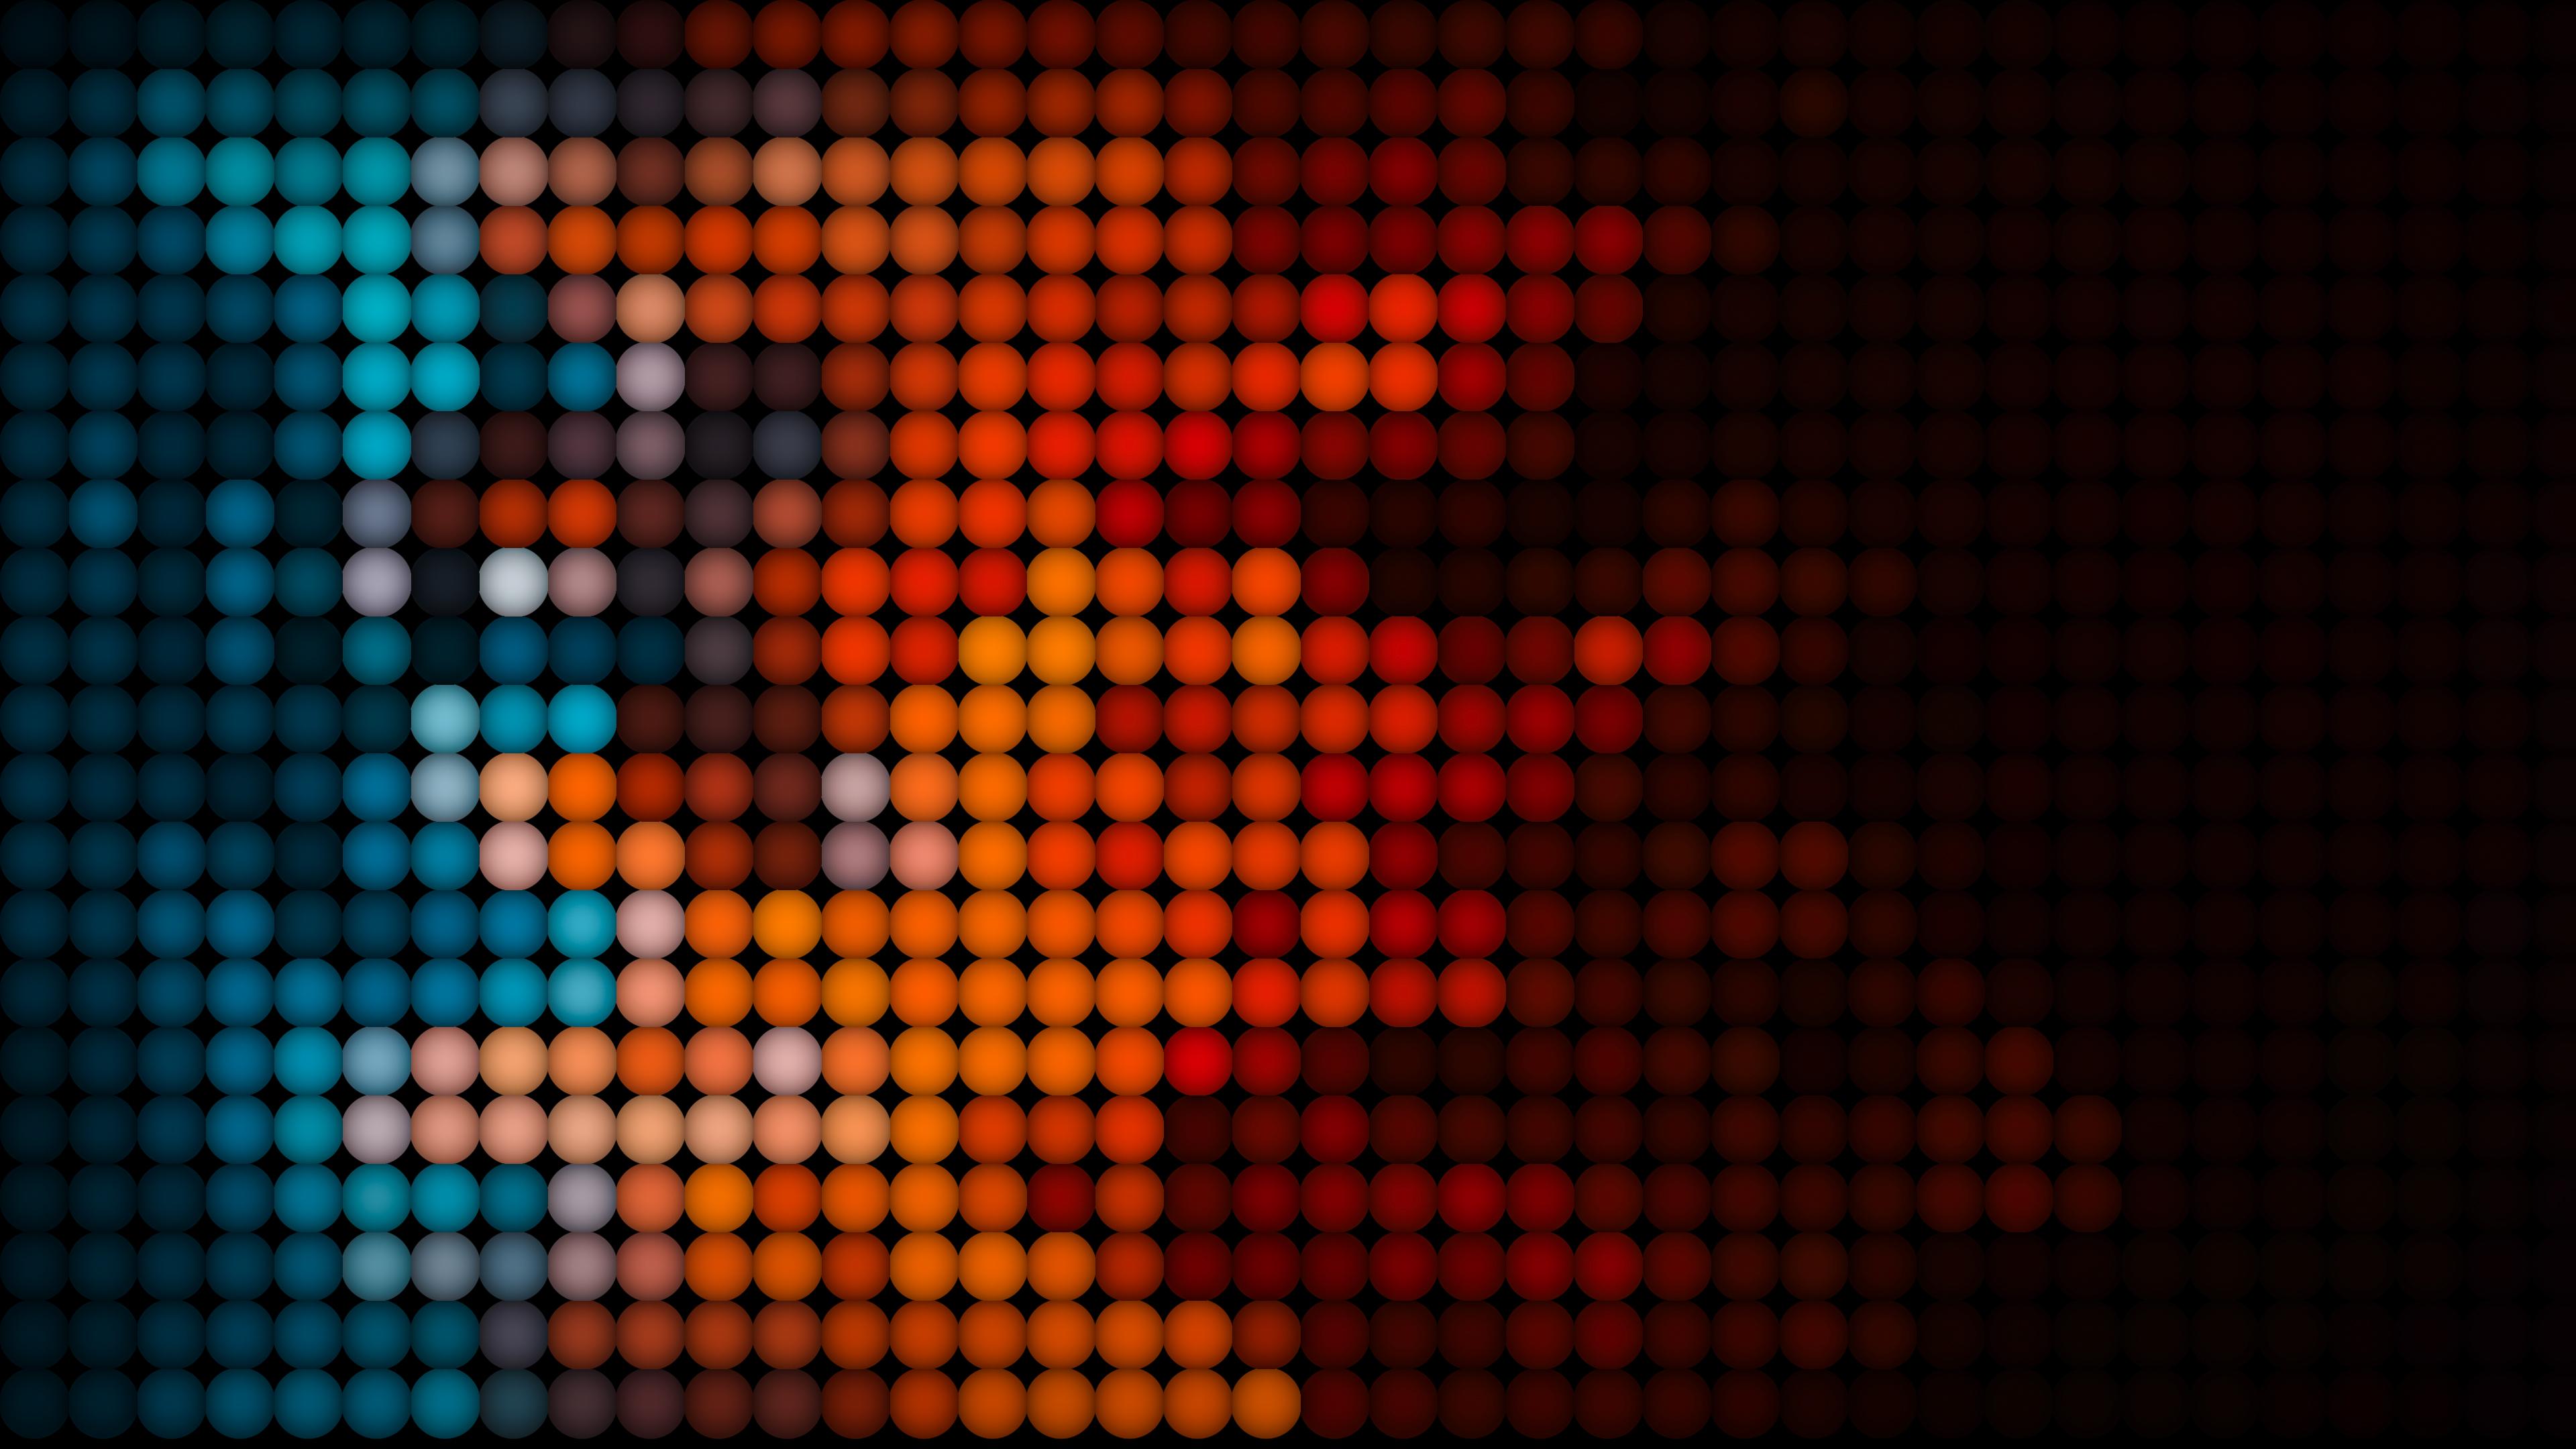 dots abstract 1596925567 - Dots Abstract -